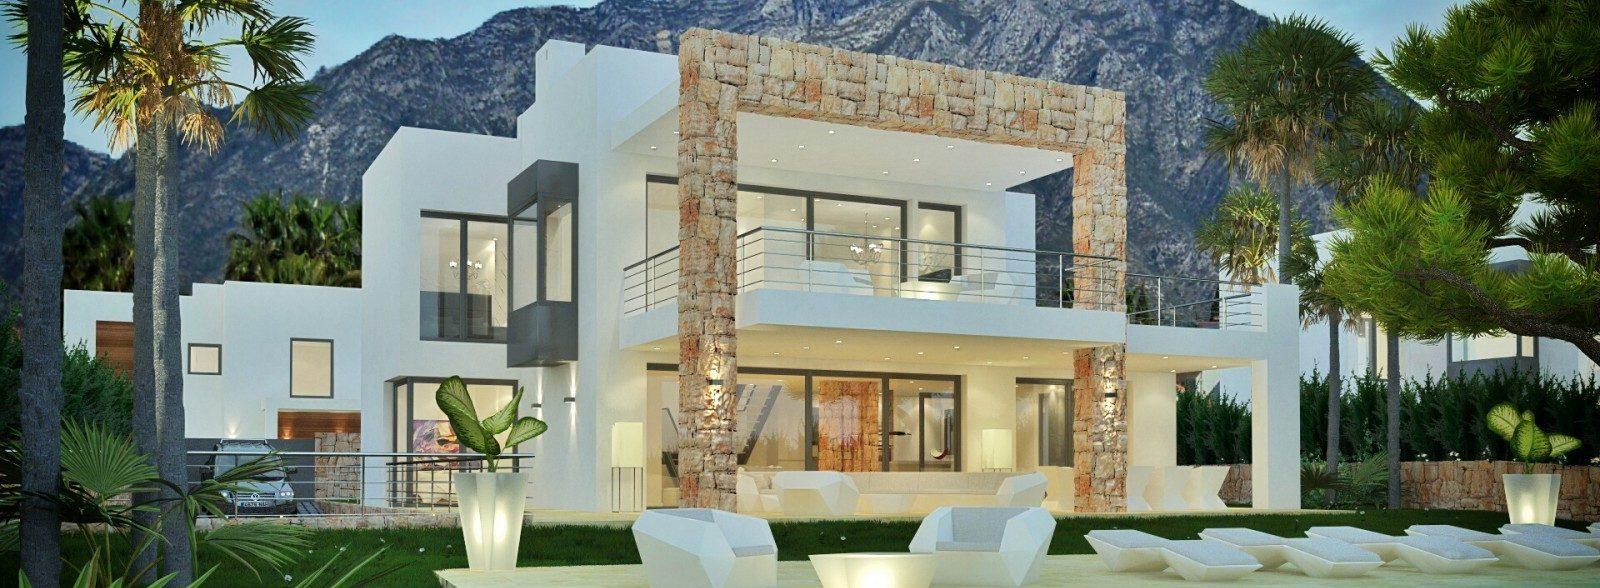 Choisir un bien immobilier image